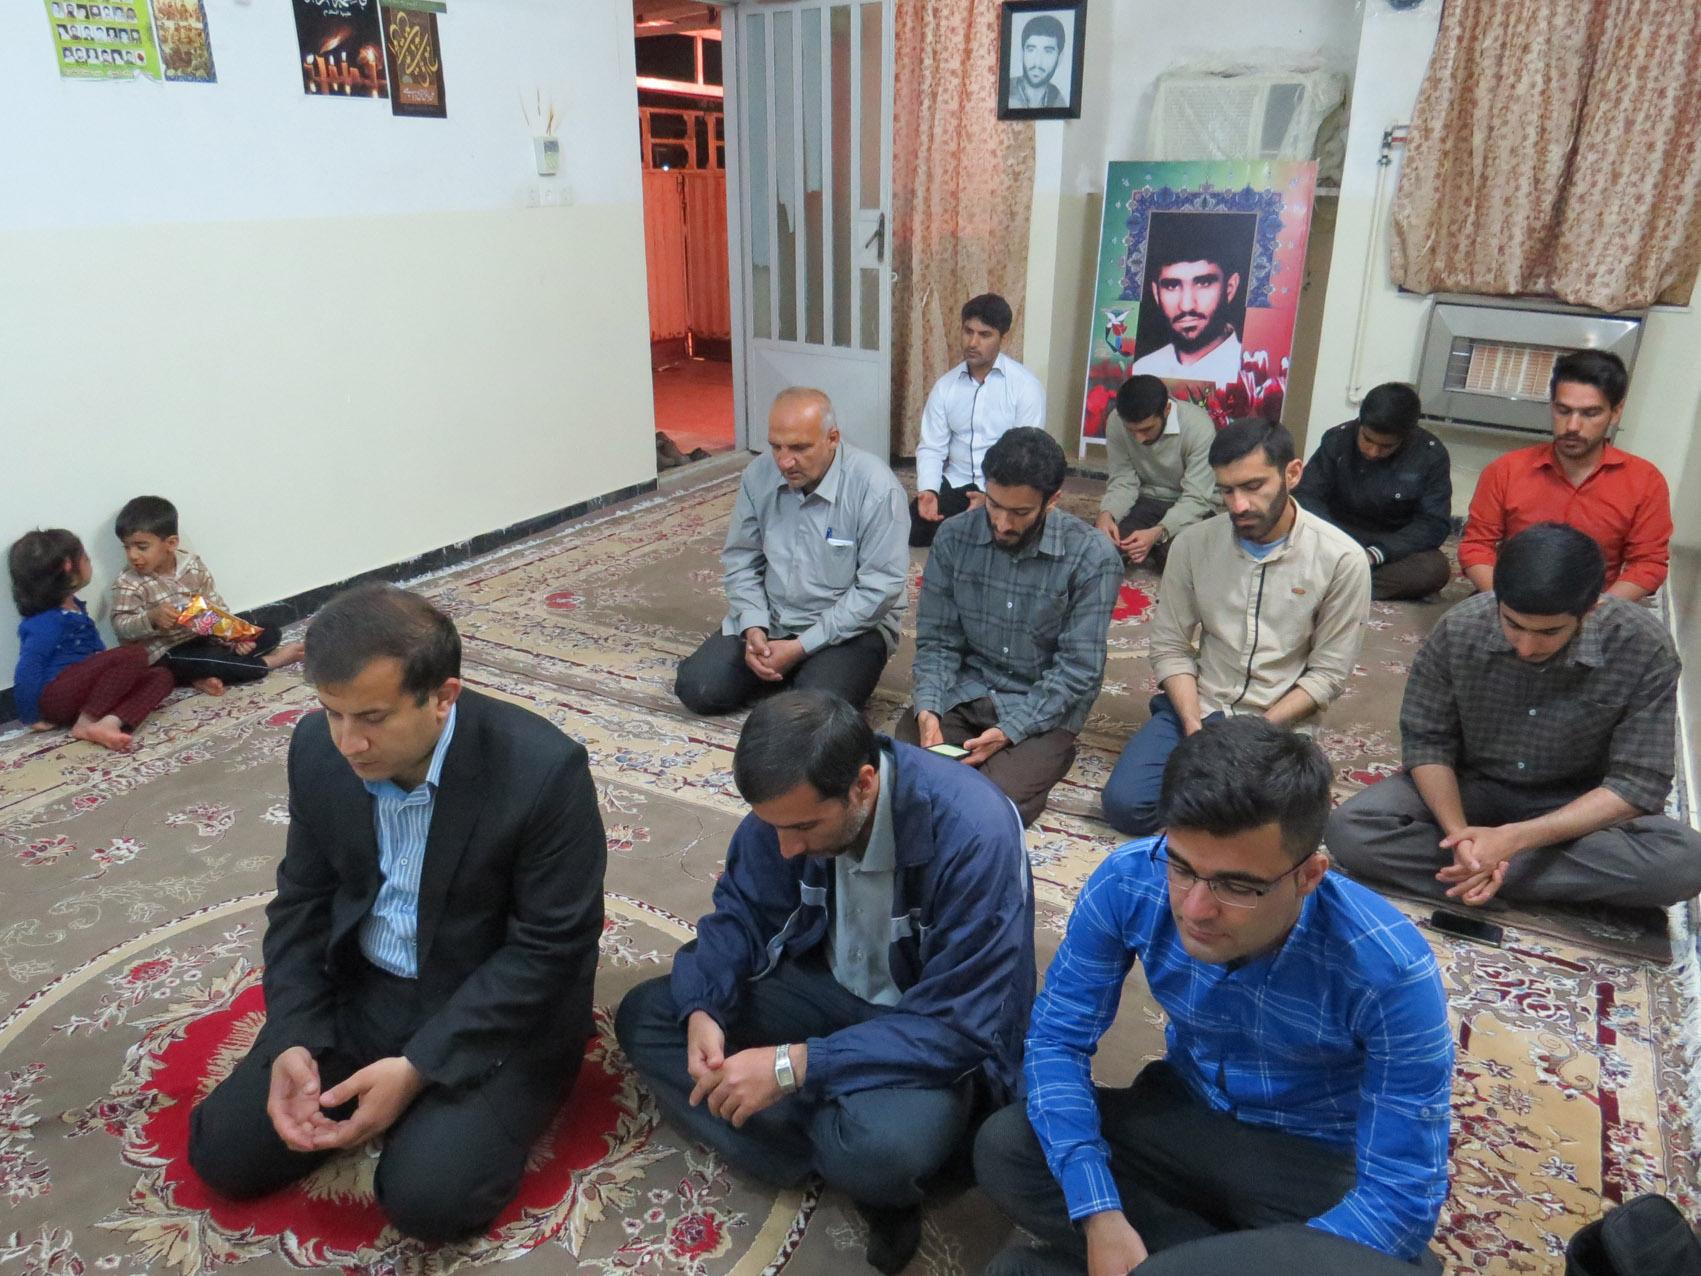 http://s6.picofile.com/file/8245013818/didar_shahid_khani_pn_behbahan_12_.jpg